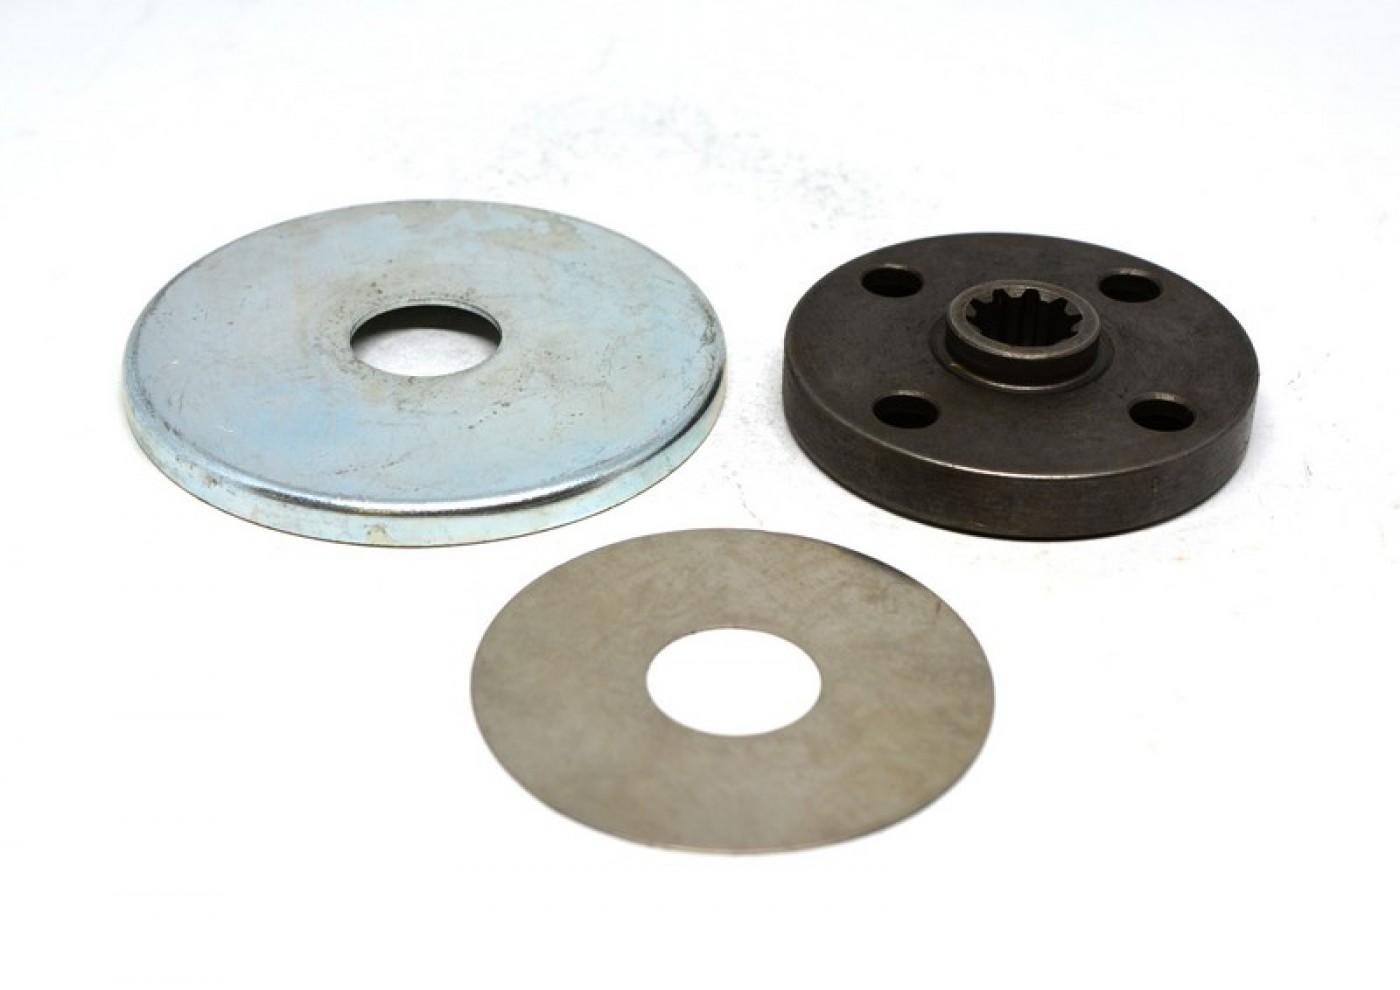 Opěrná miska Stihl pro Profi stroje FS 160 až FS 550